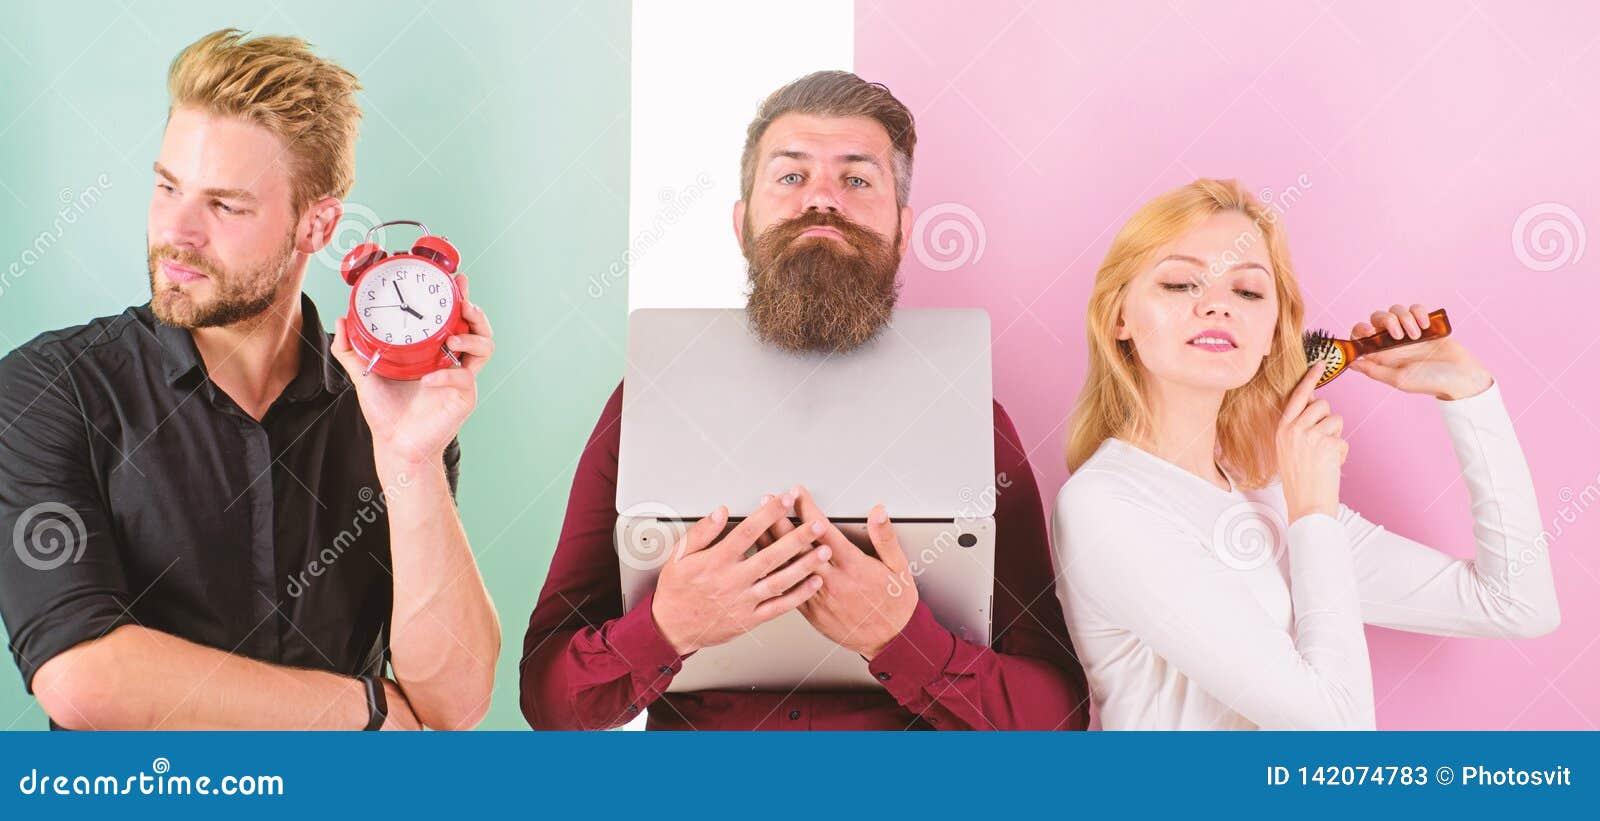 Дисциплина и время Некоторые людей всегда бегут поздно Почему женщины всегда последние Волосы девушки чистя щеткой пока люди рабо